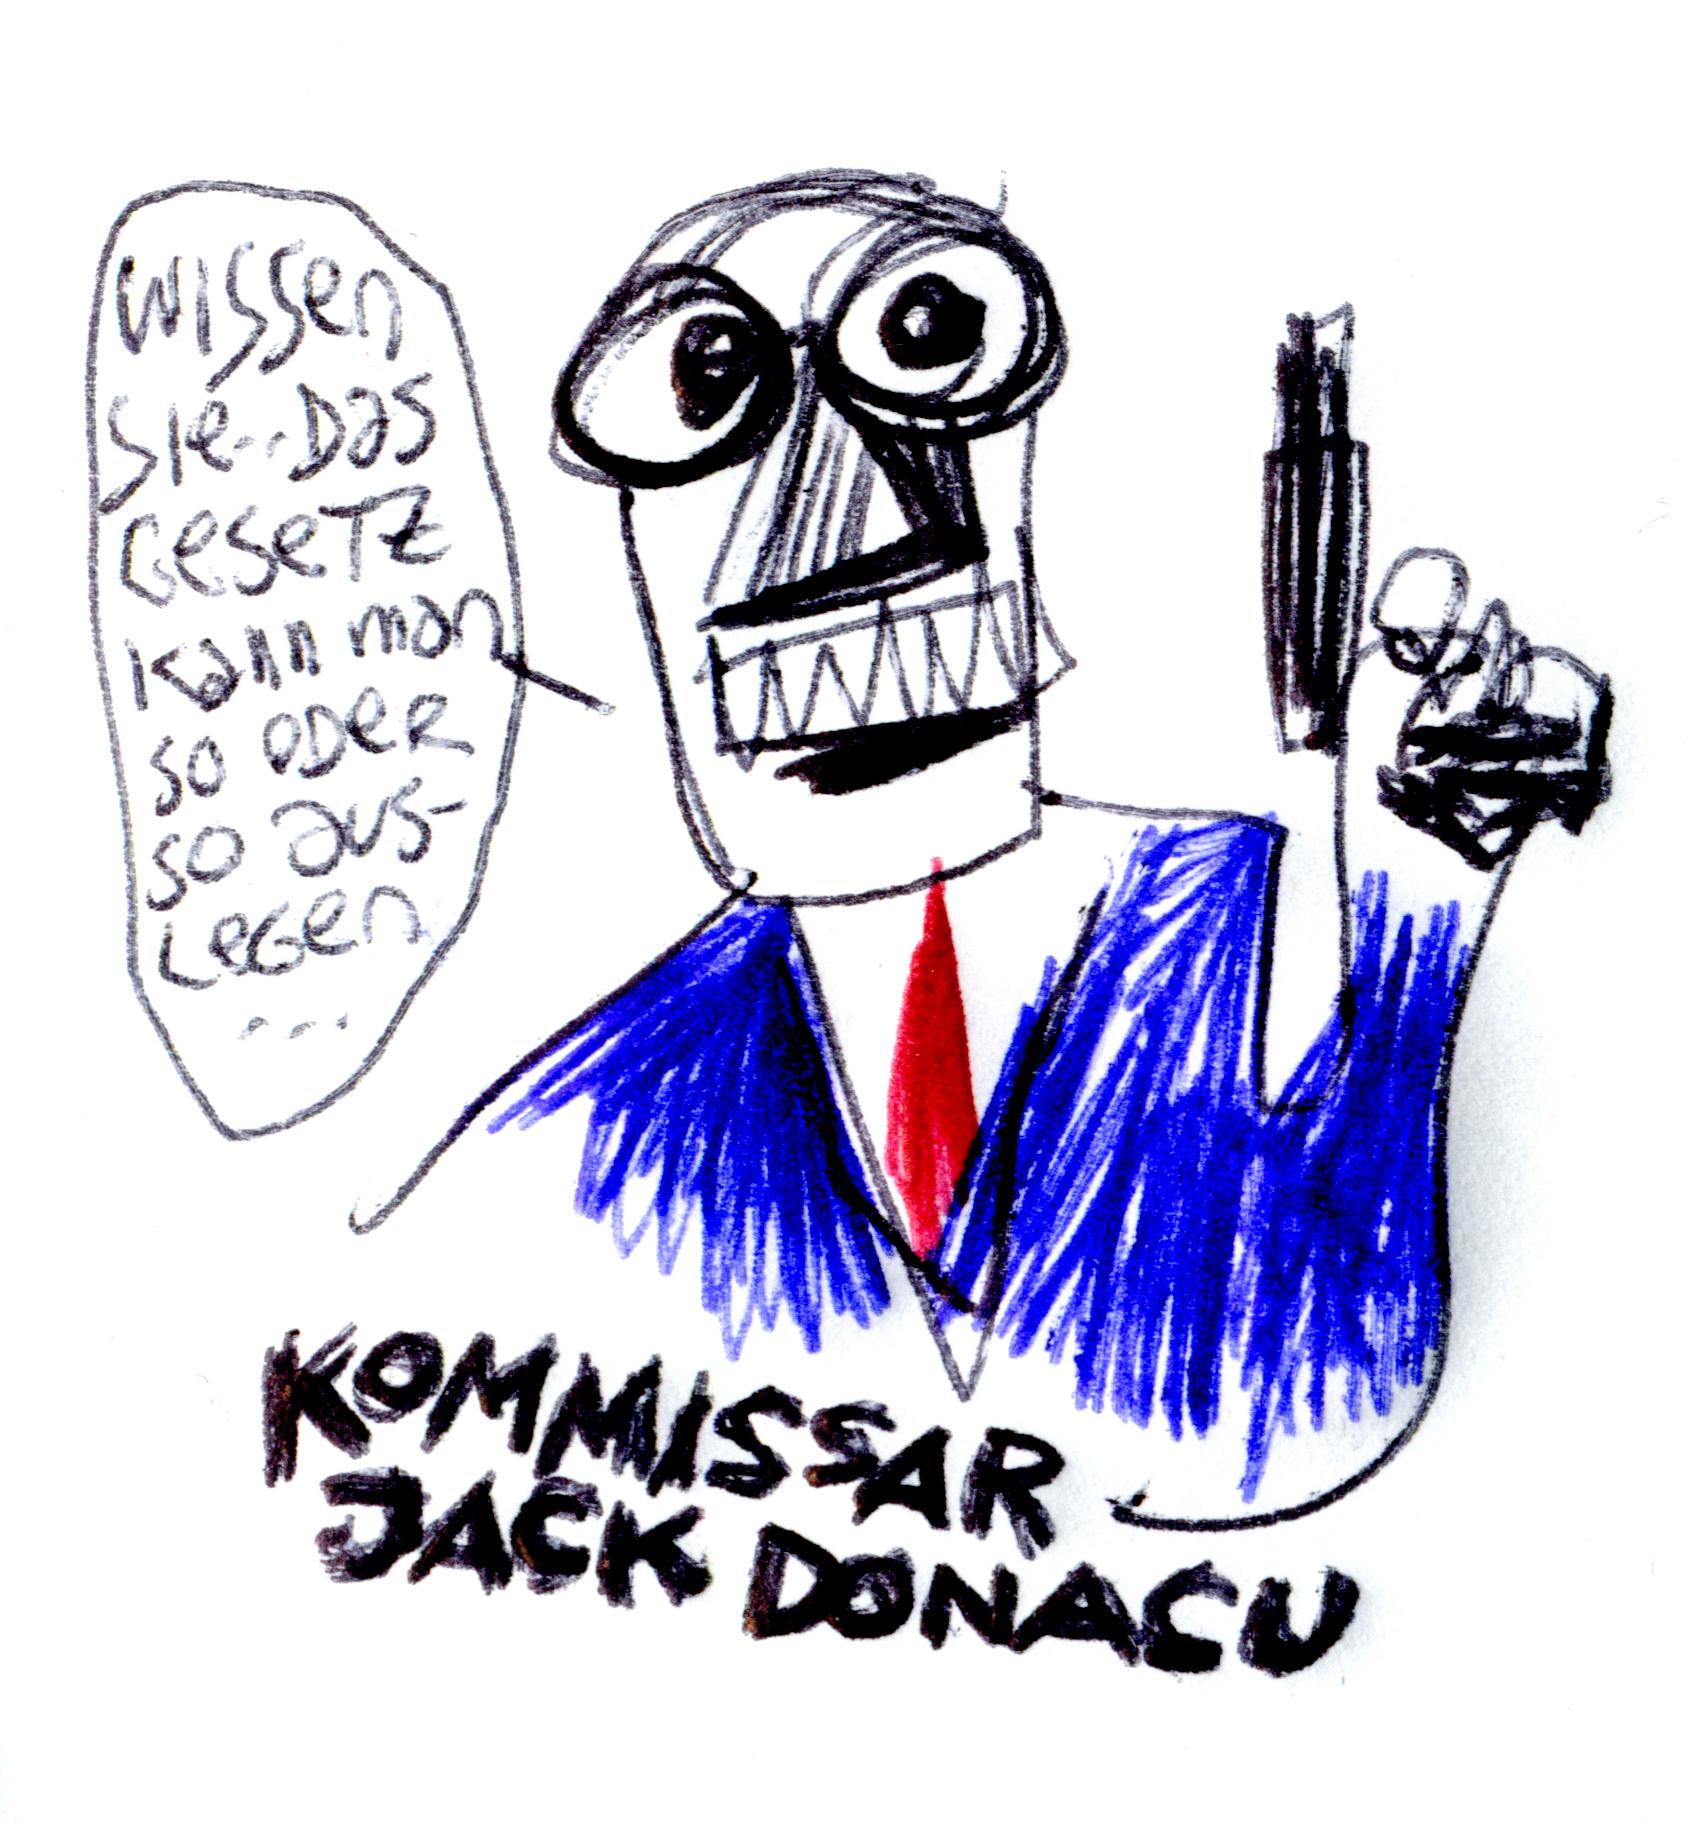 Donacu